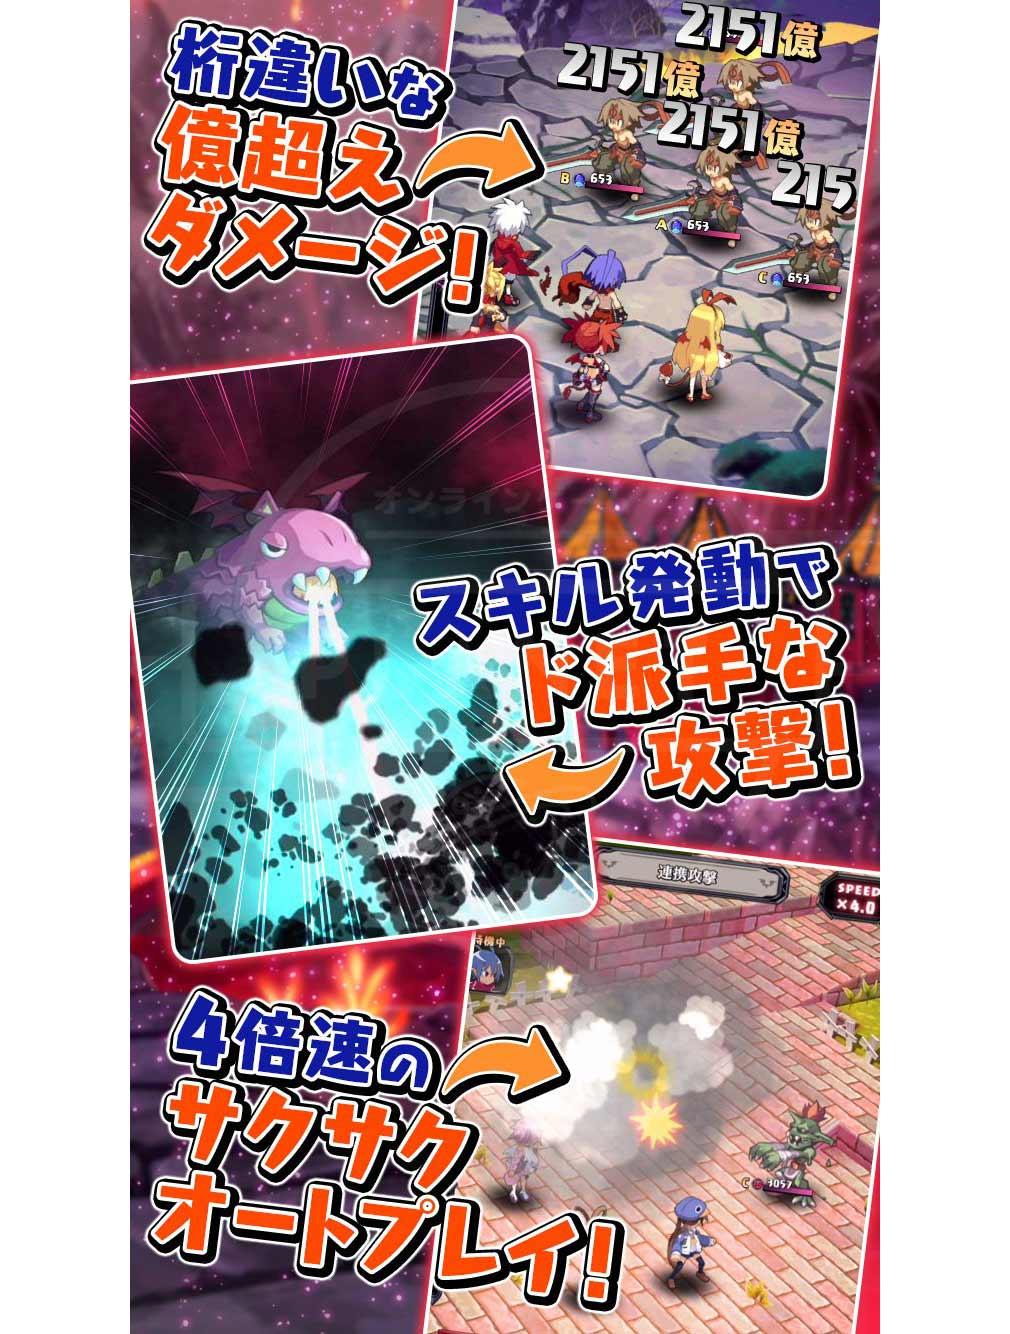 魔界戦記ディスガイアRPG バトル紹介イメージ